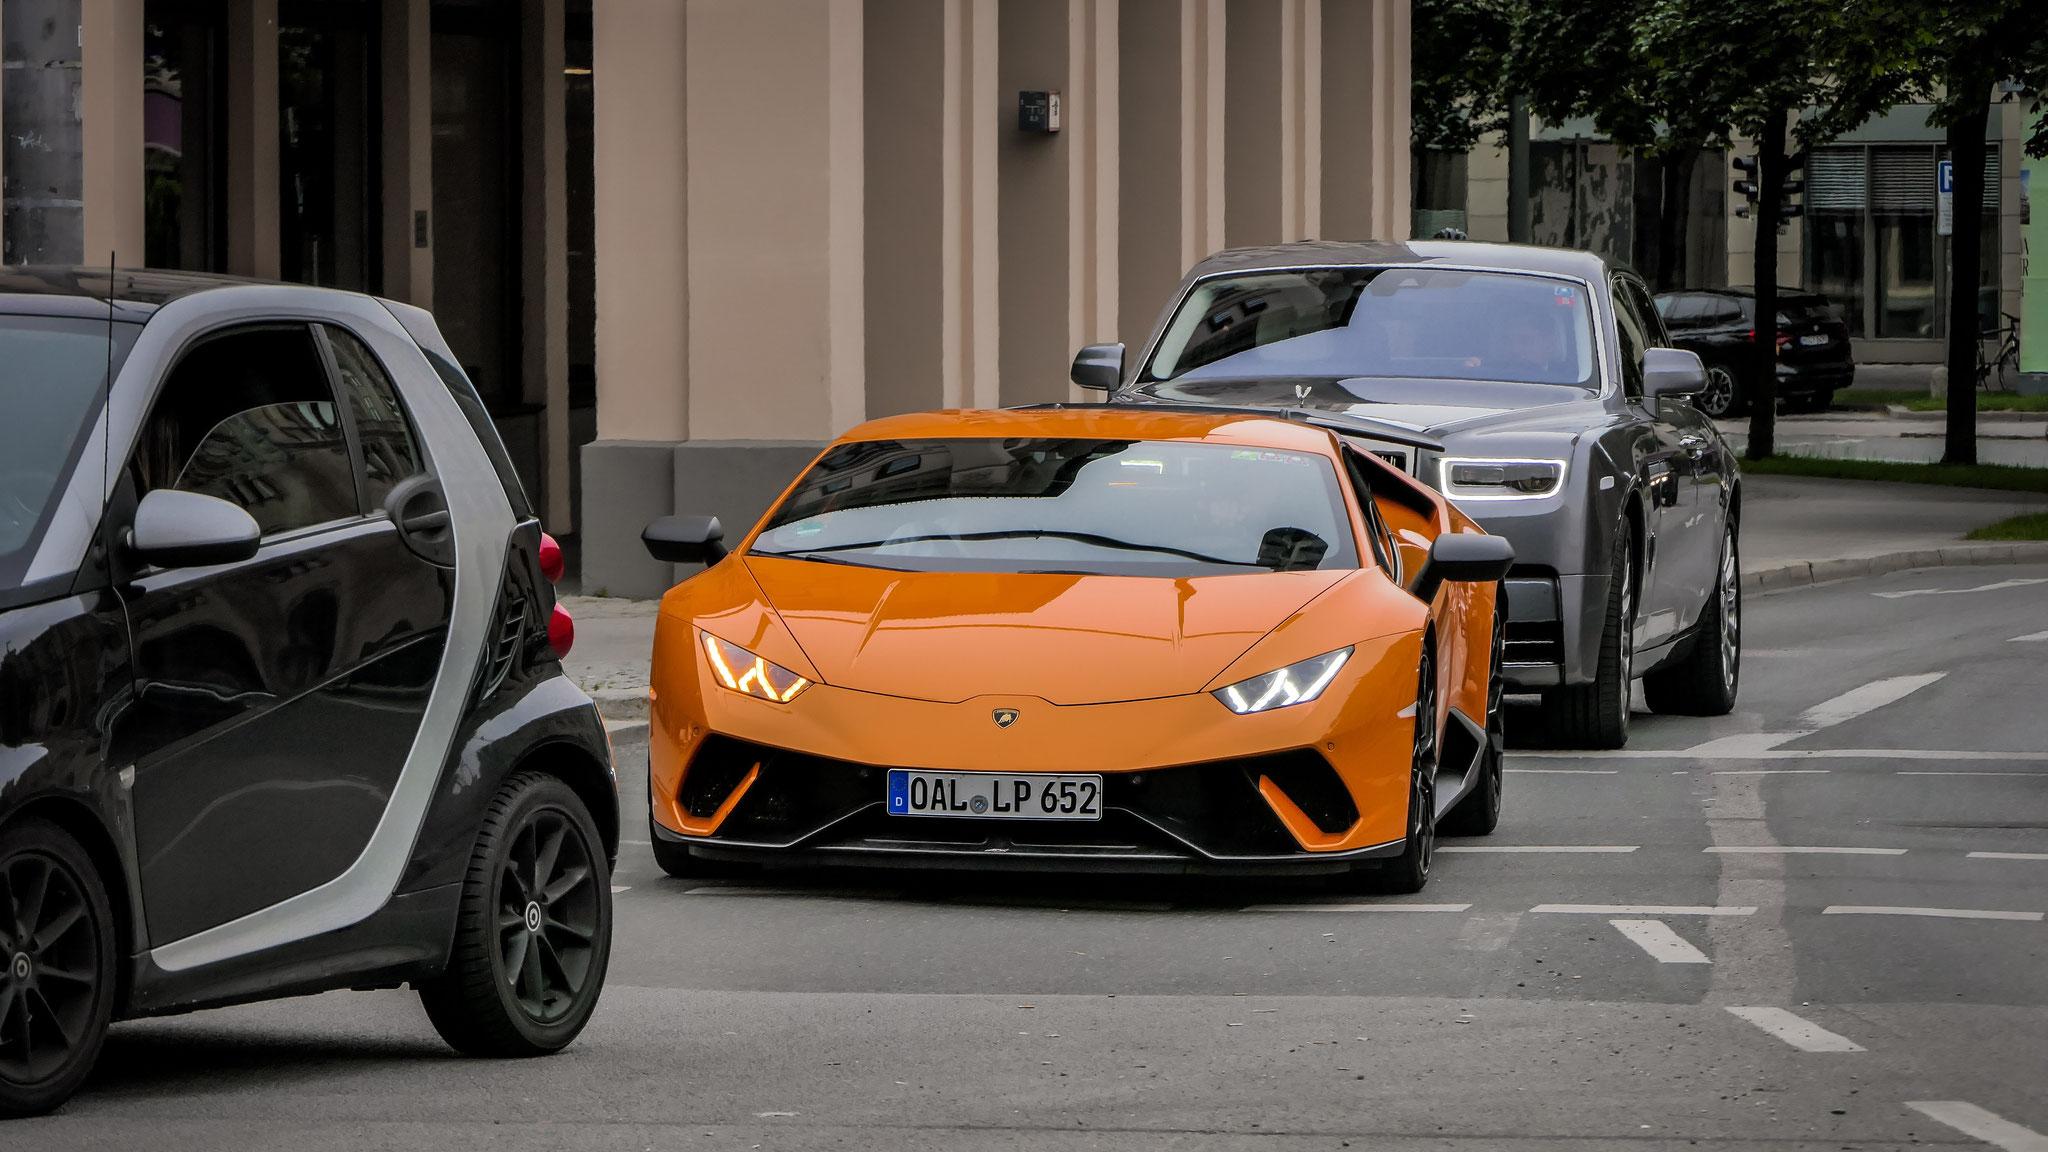 Lamborghini Huracan Performante - OAL-LP-652